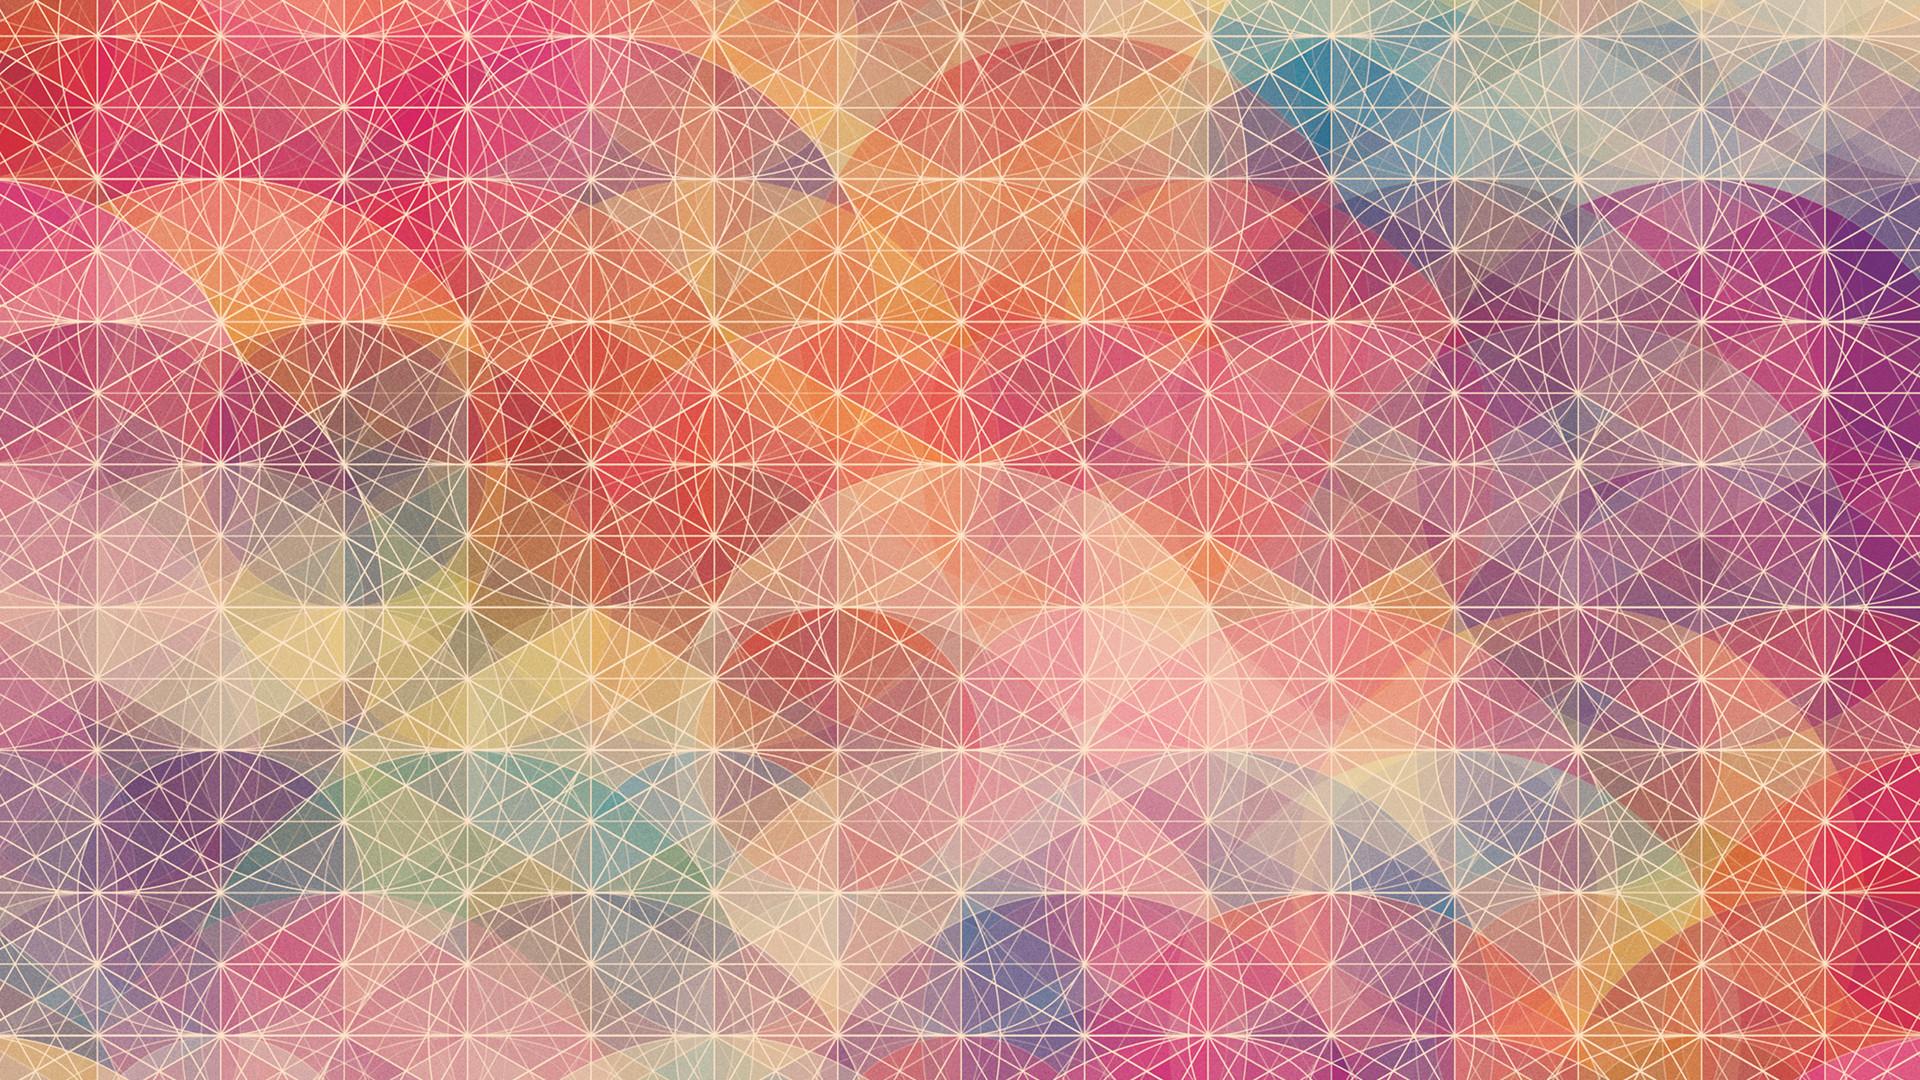 Isometric and Geometry inspired Desktop Wallpapers – Dzinepress